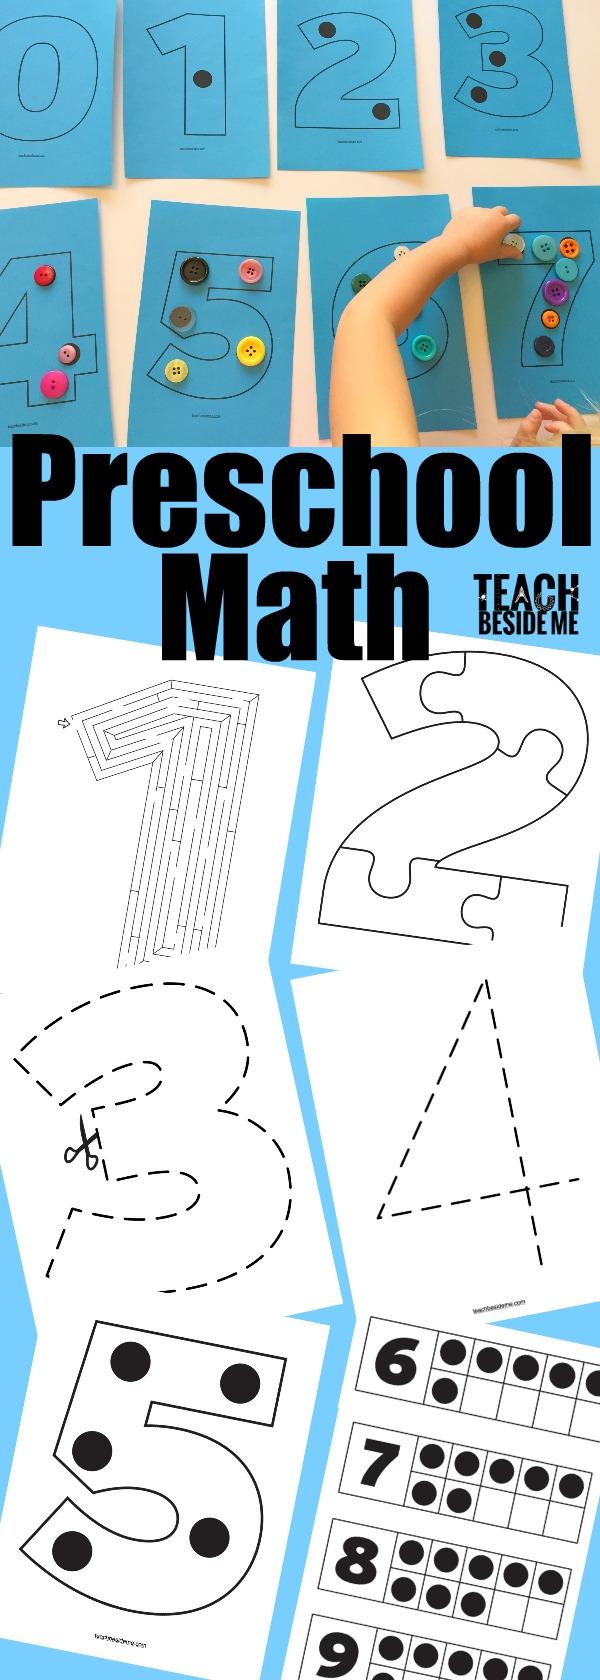 Preschool Math Activities - Teach Beside Me